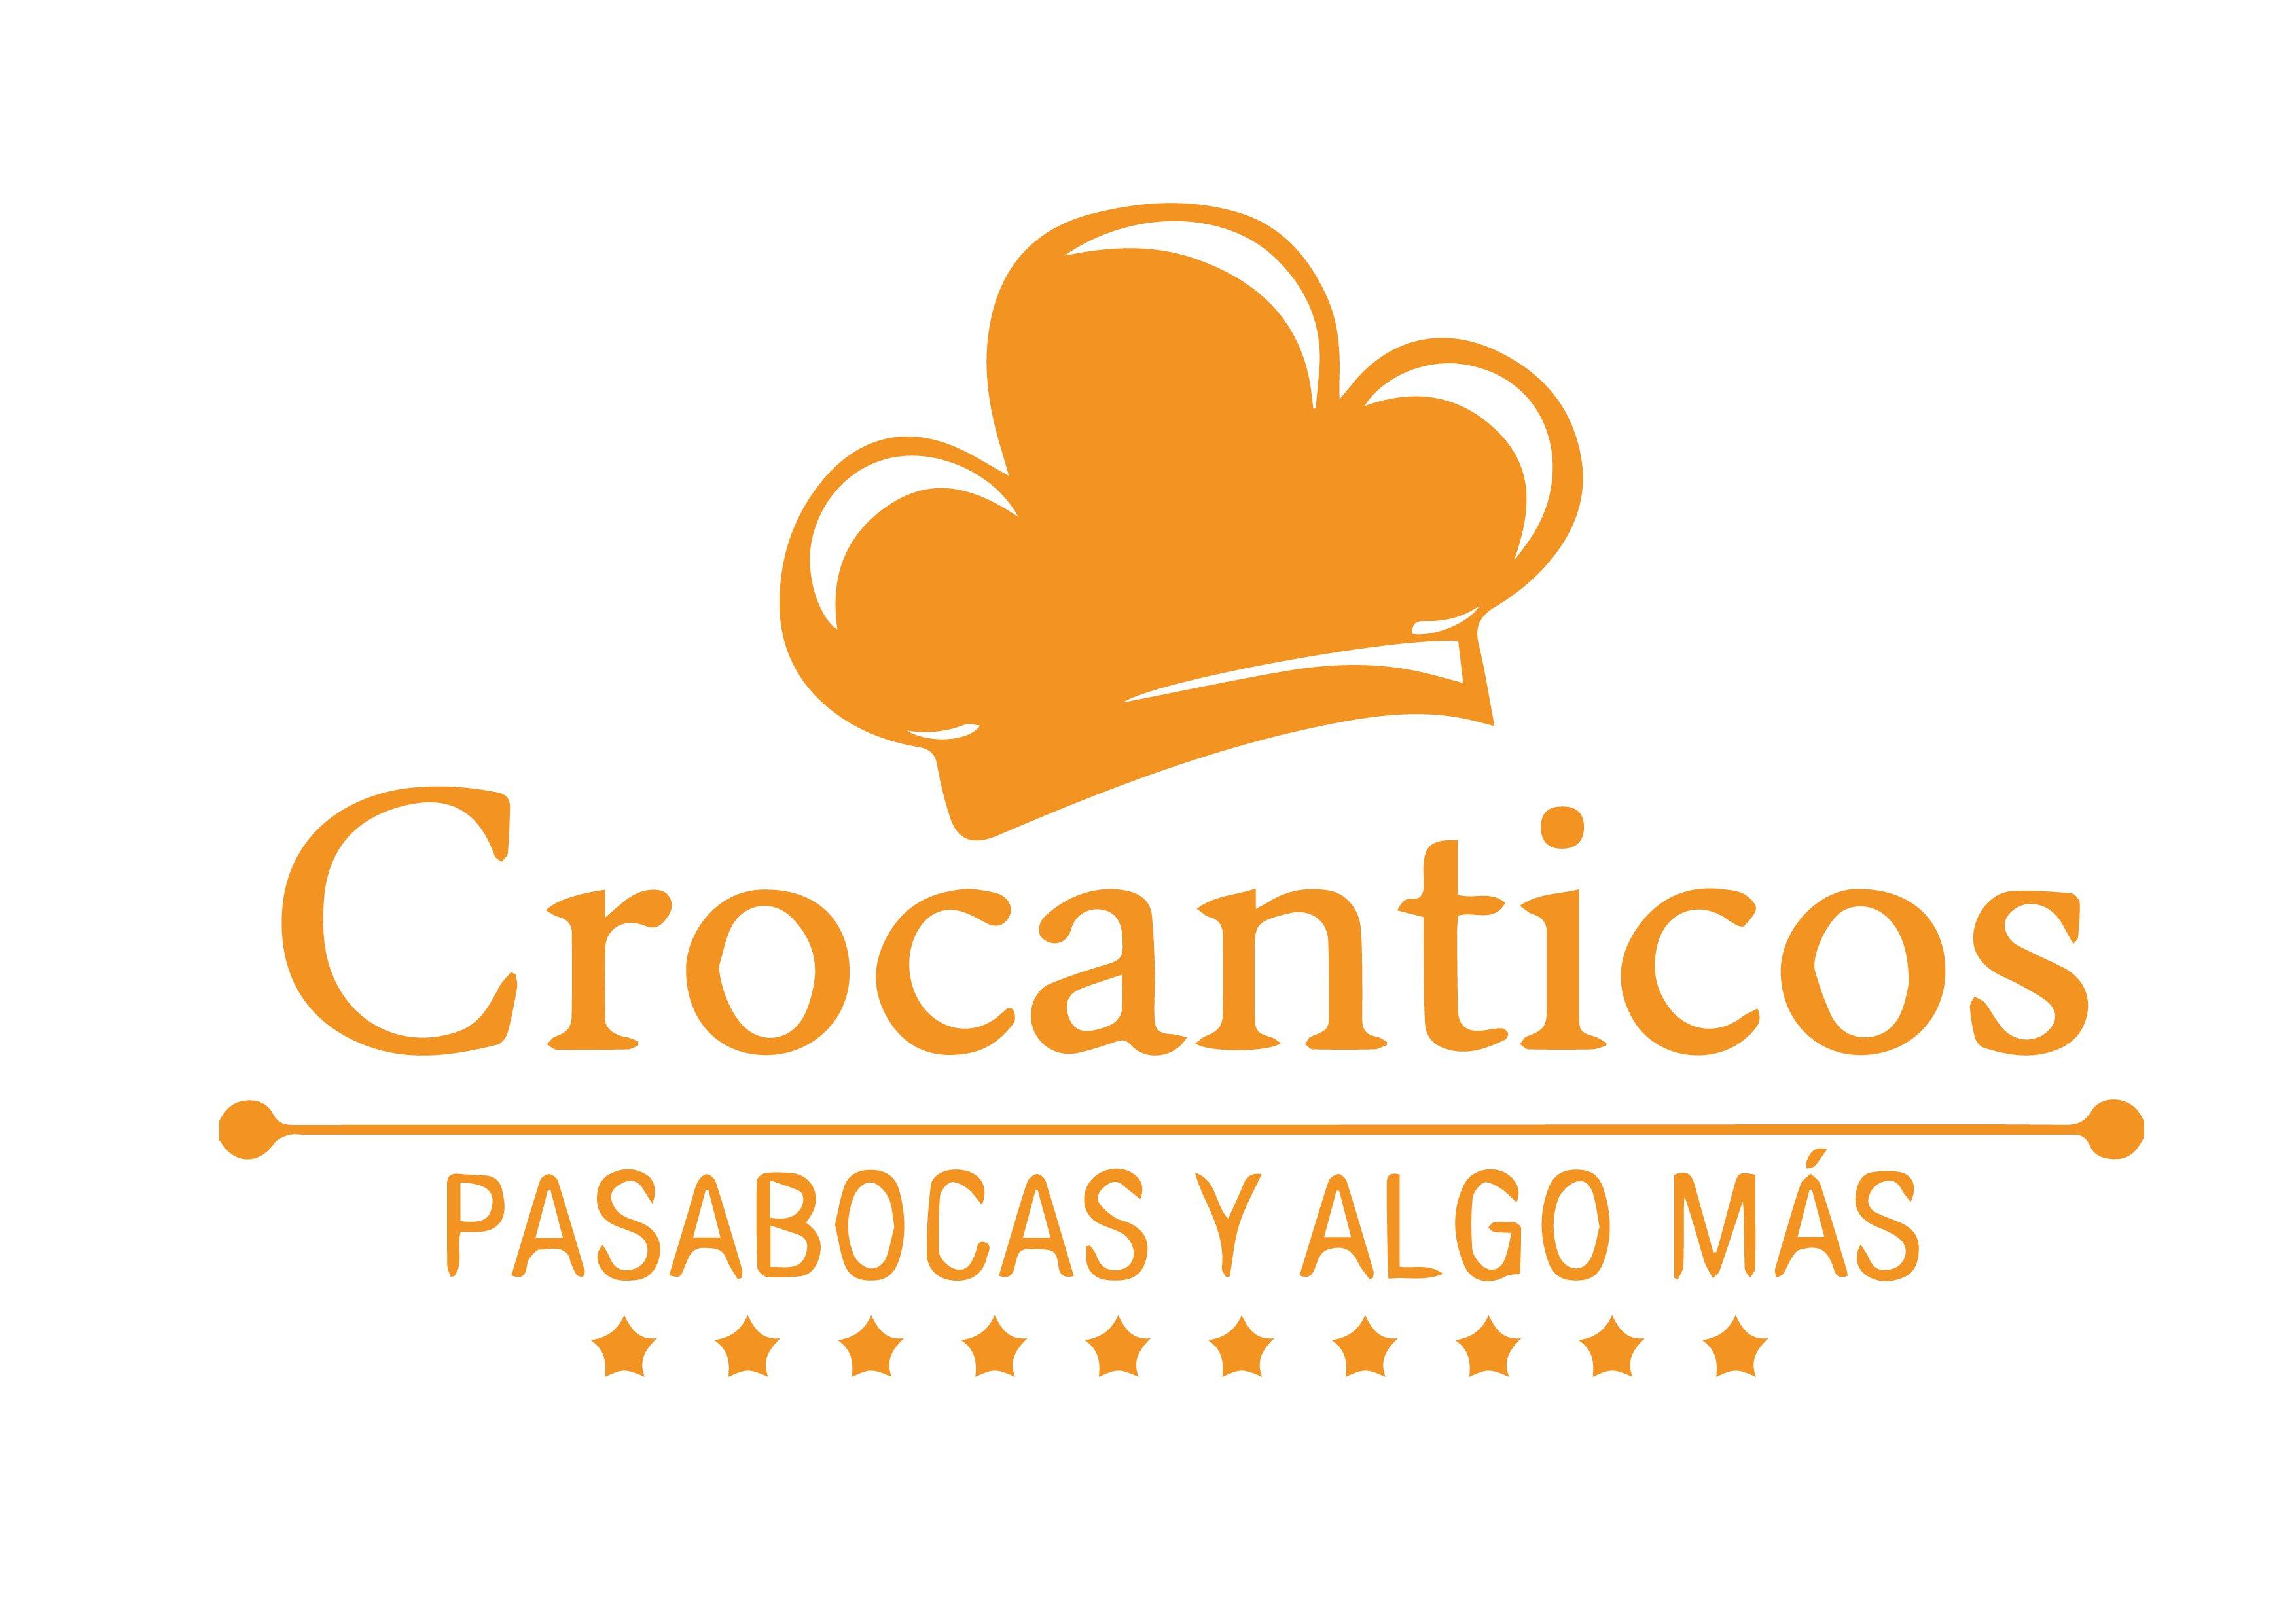 Crocanticos